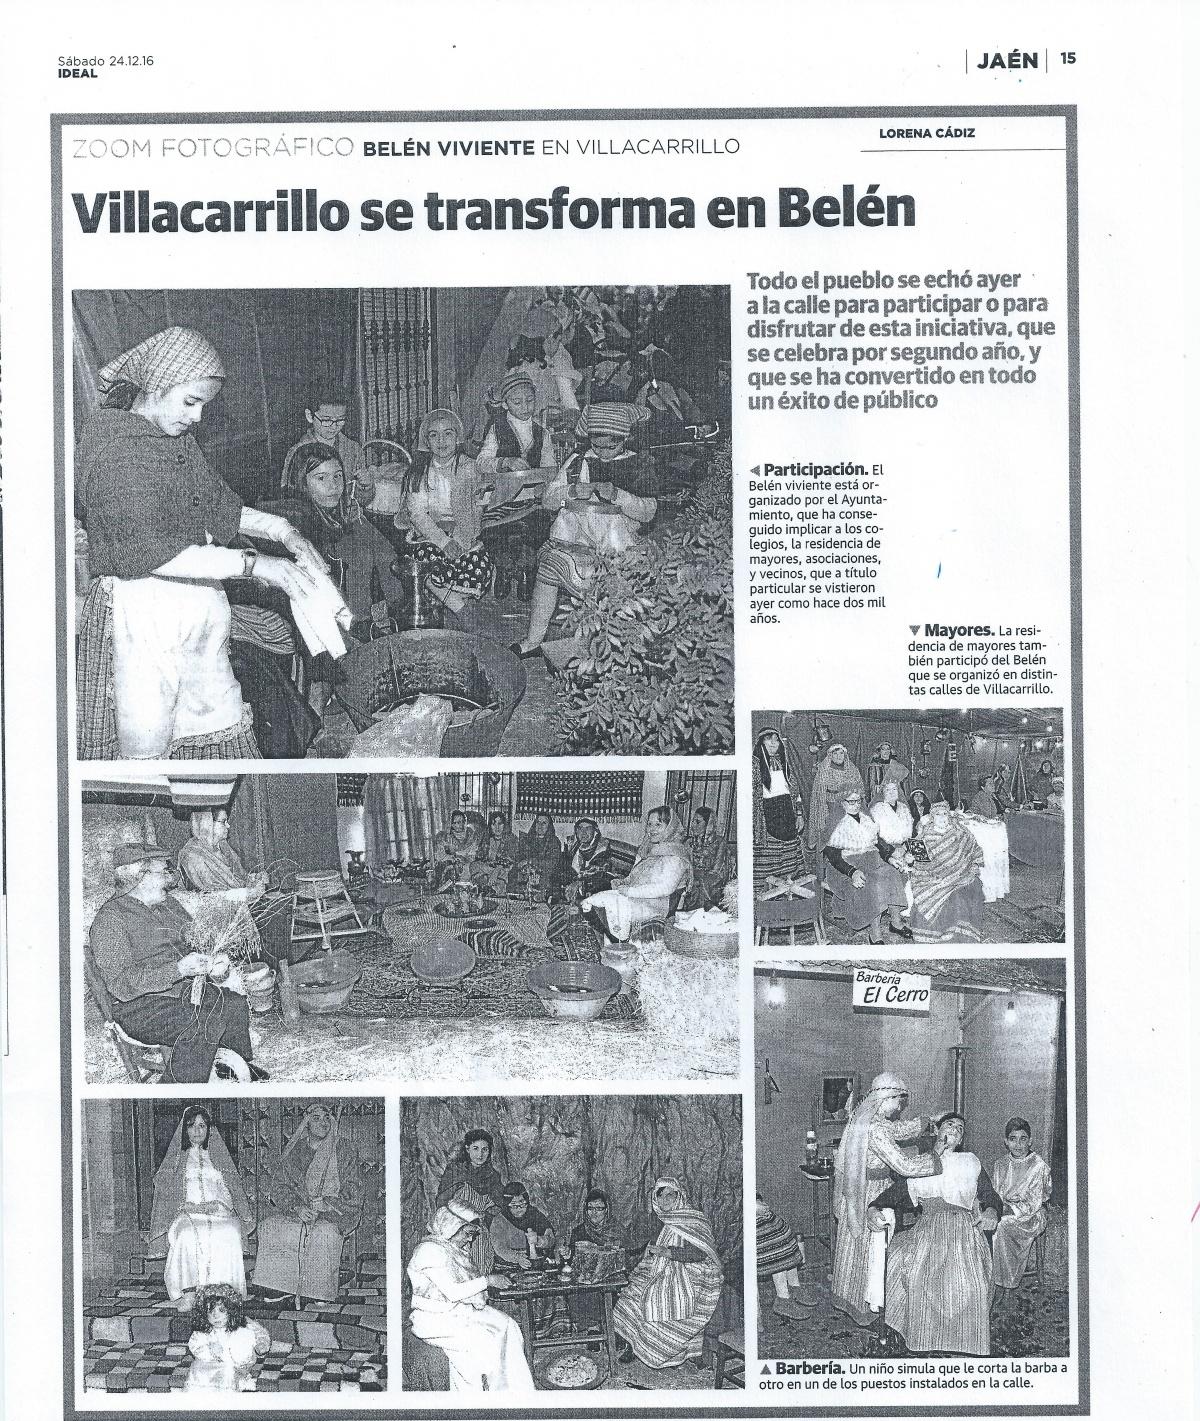 24-12-16-ideal-villacarrillo-se-transforma-en-el-belen